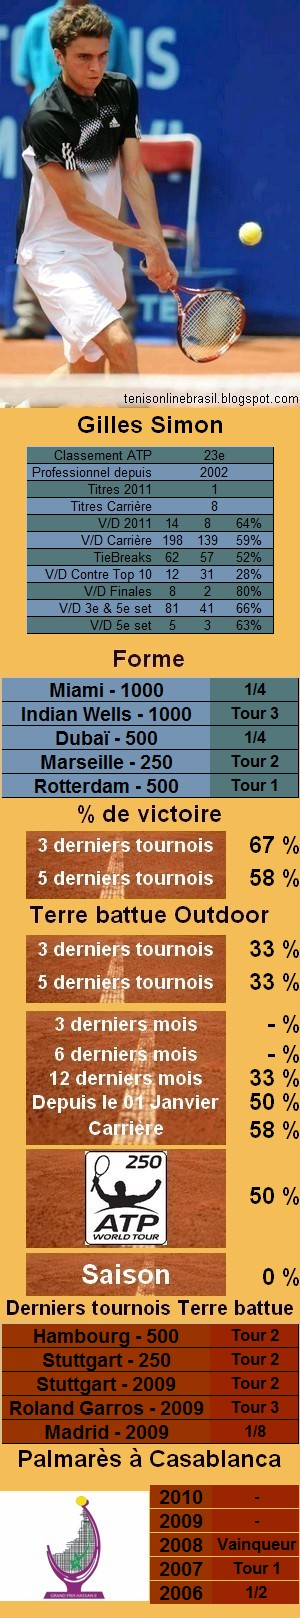 Les statistiques tennis de Gilles Simon pour le tournoi de Miami